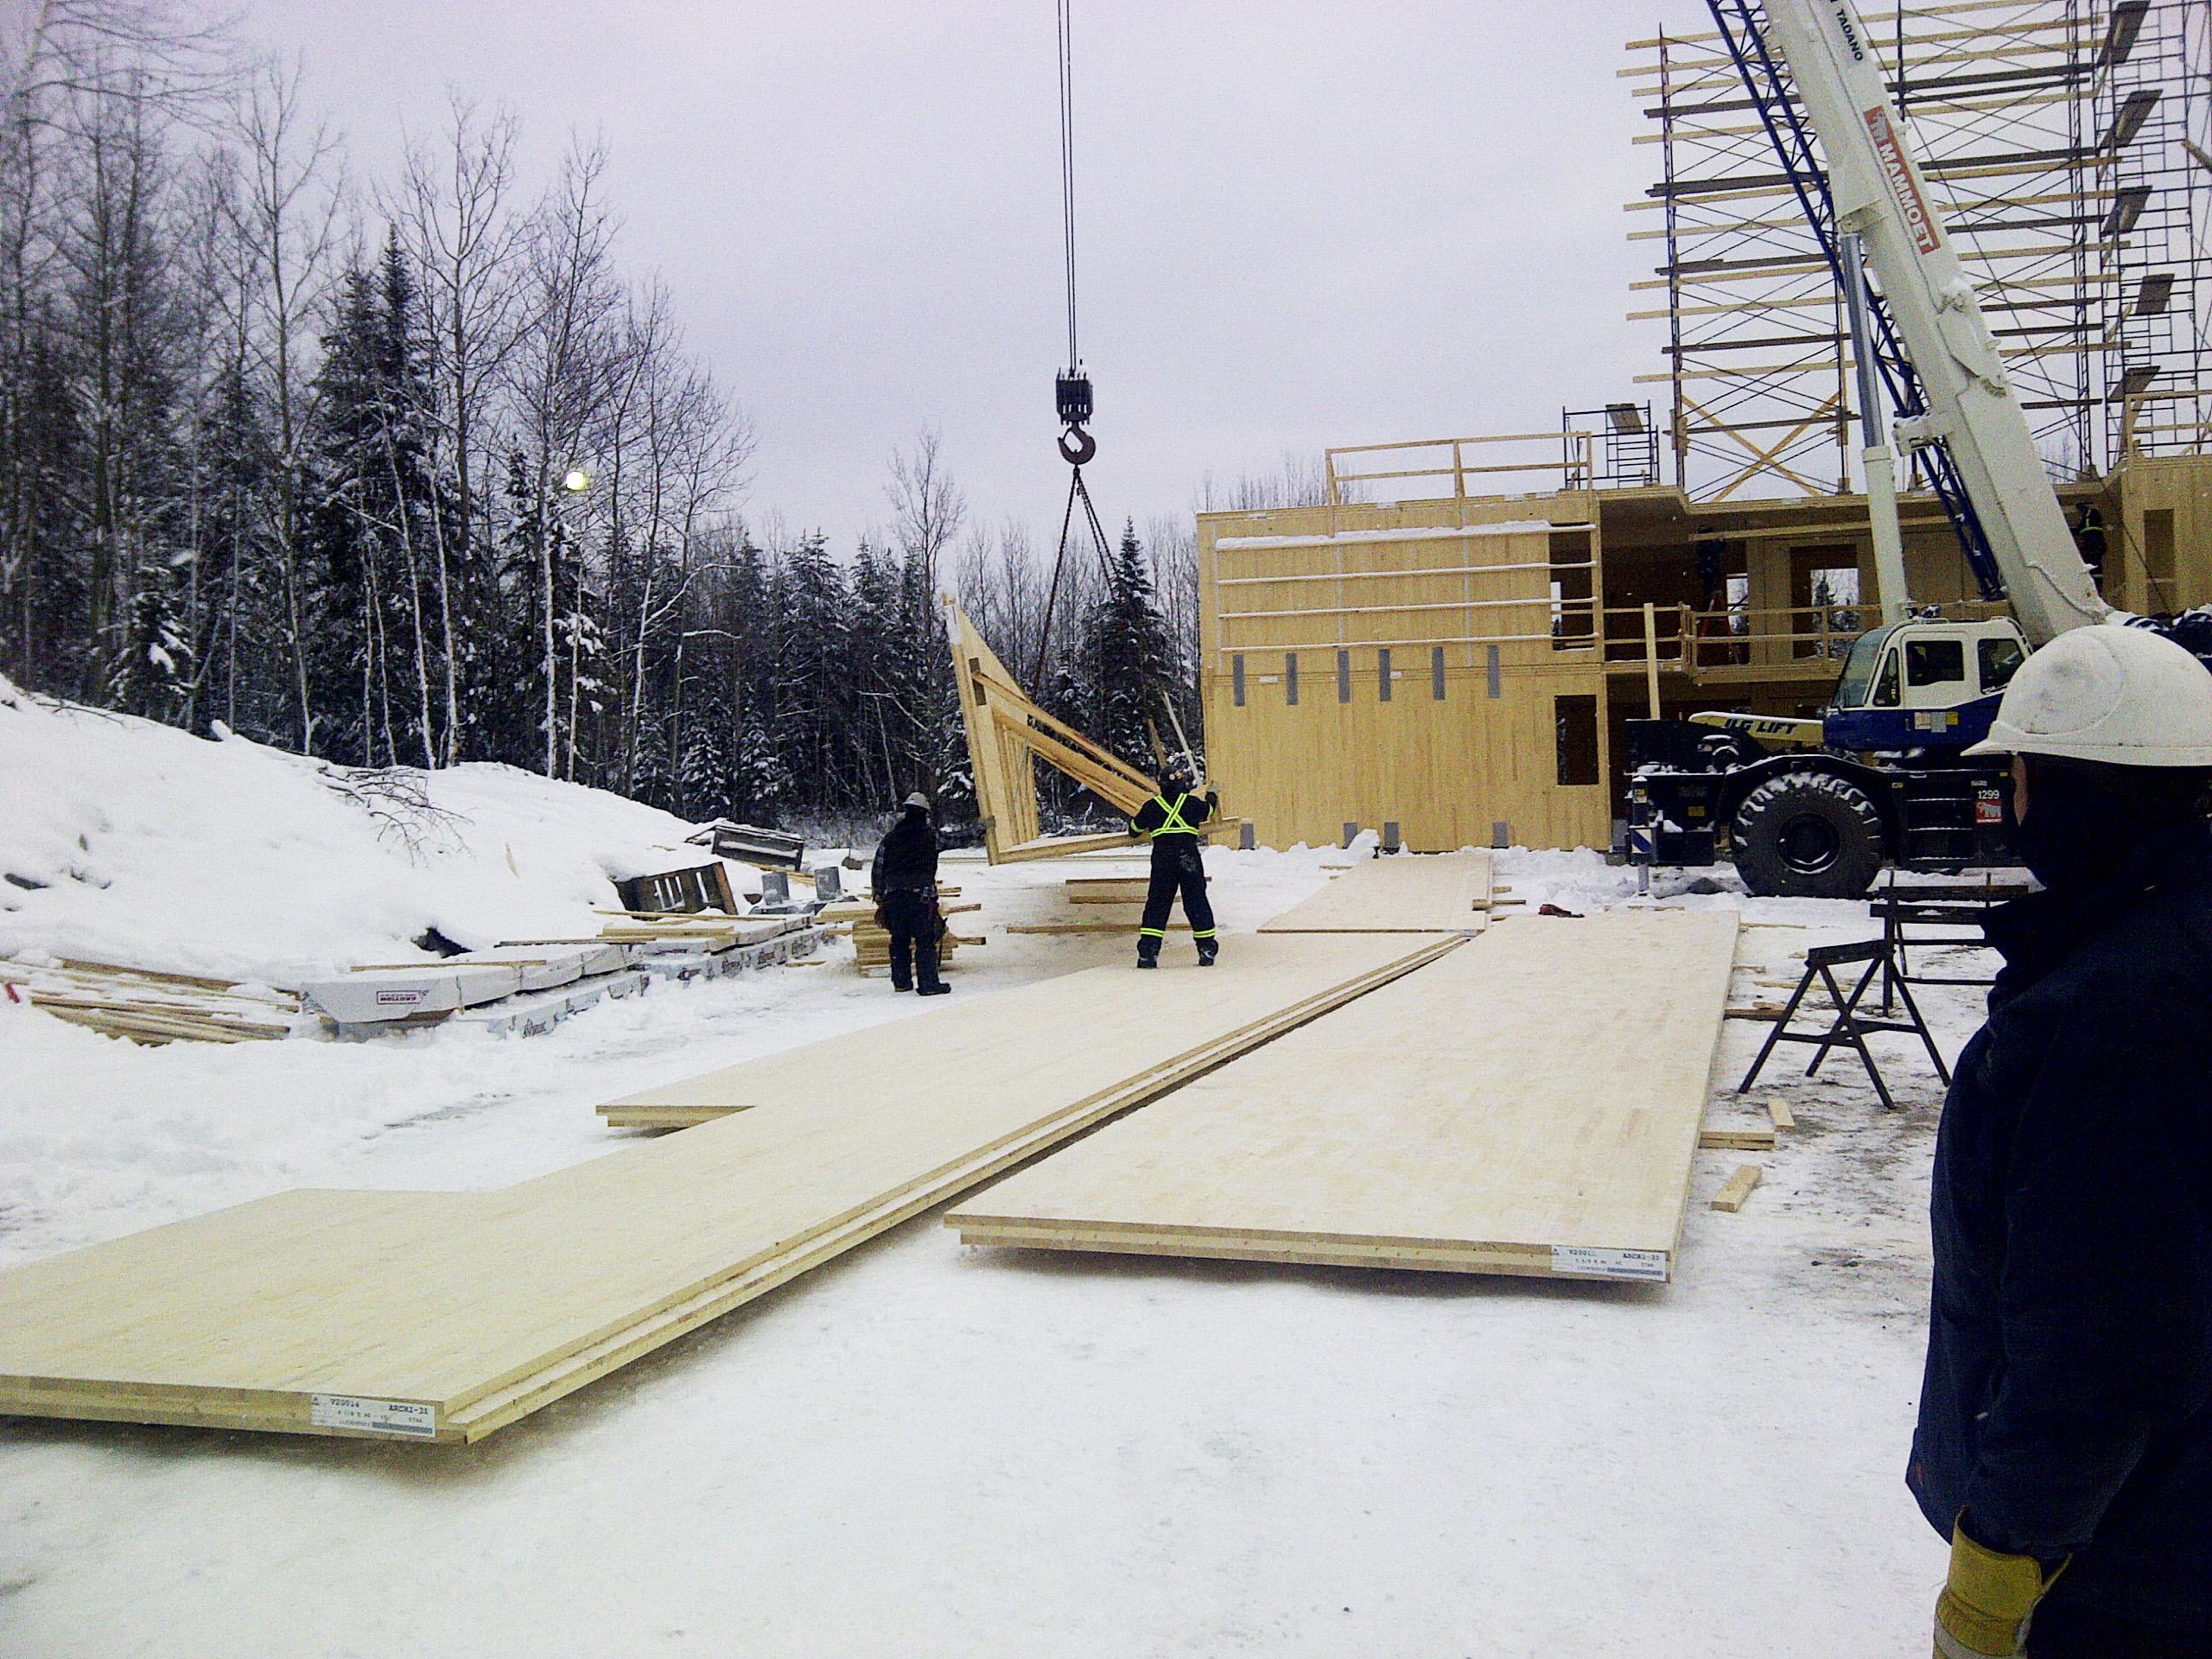 Les Habitations Nordic Cecobois 7